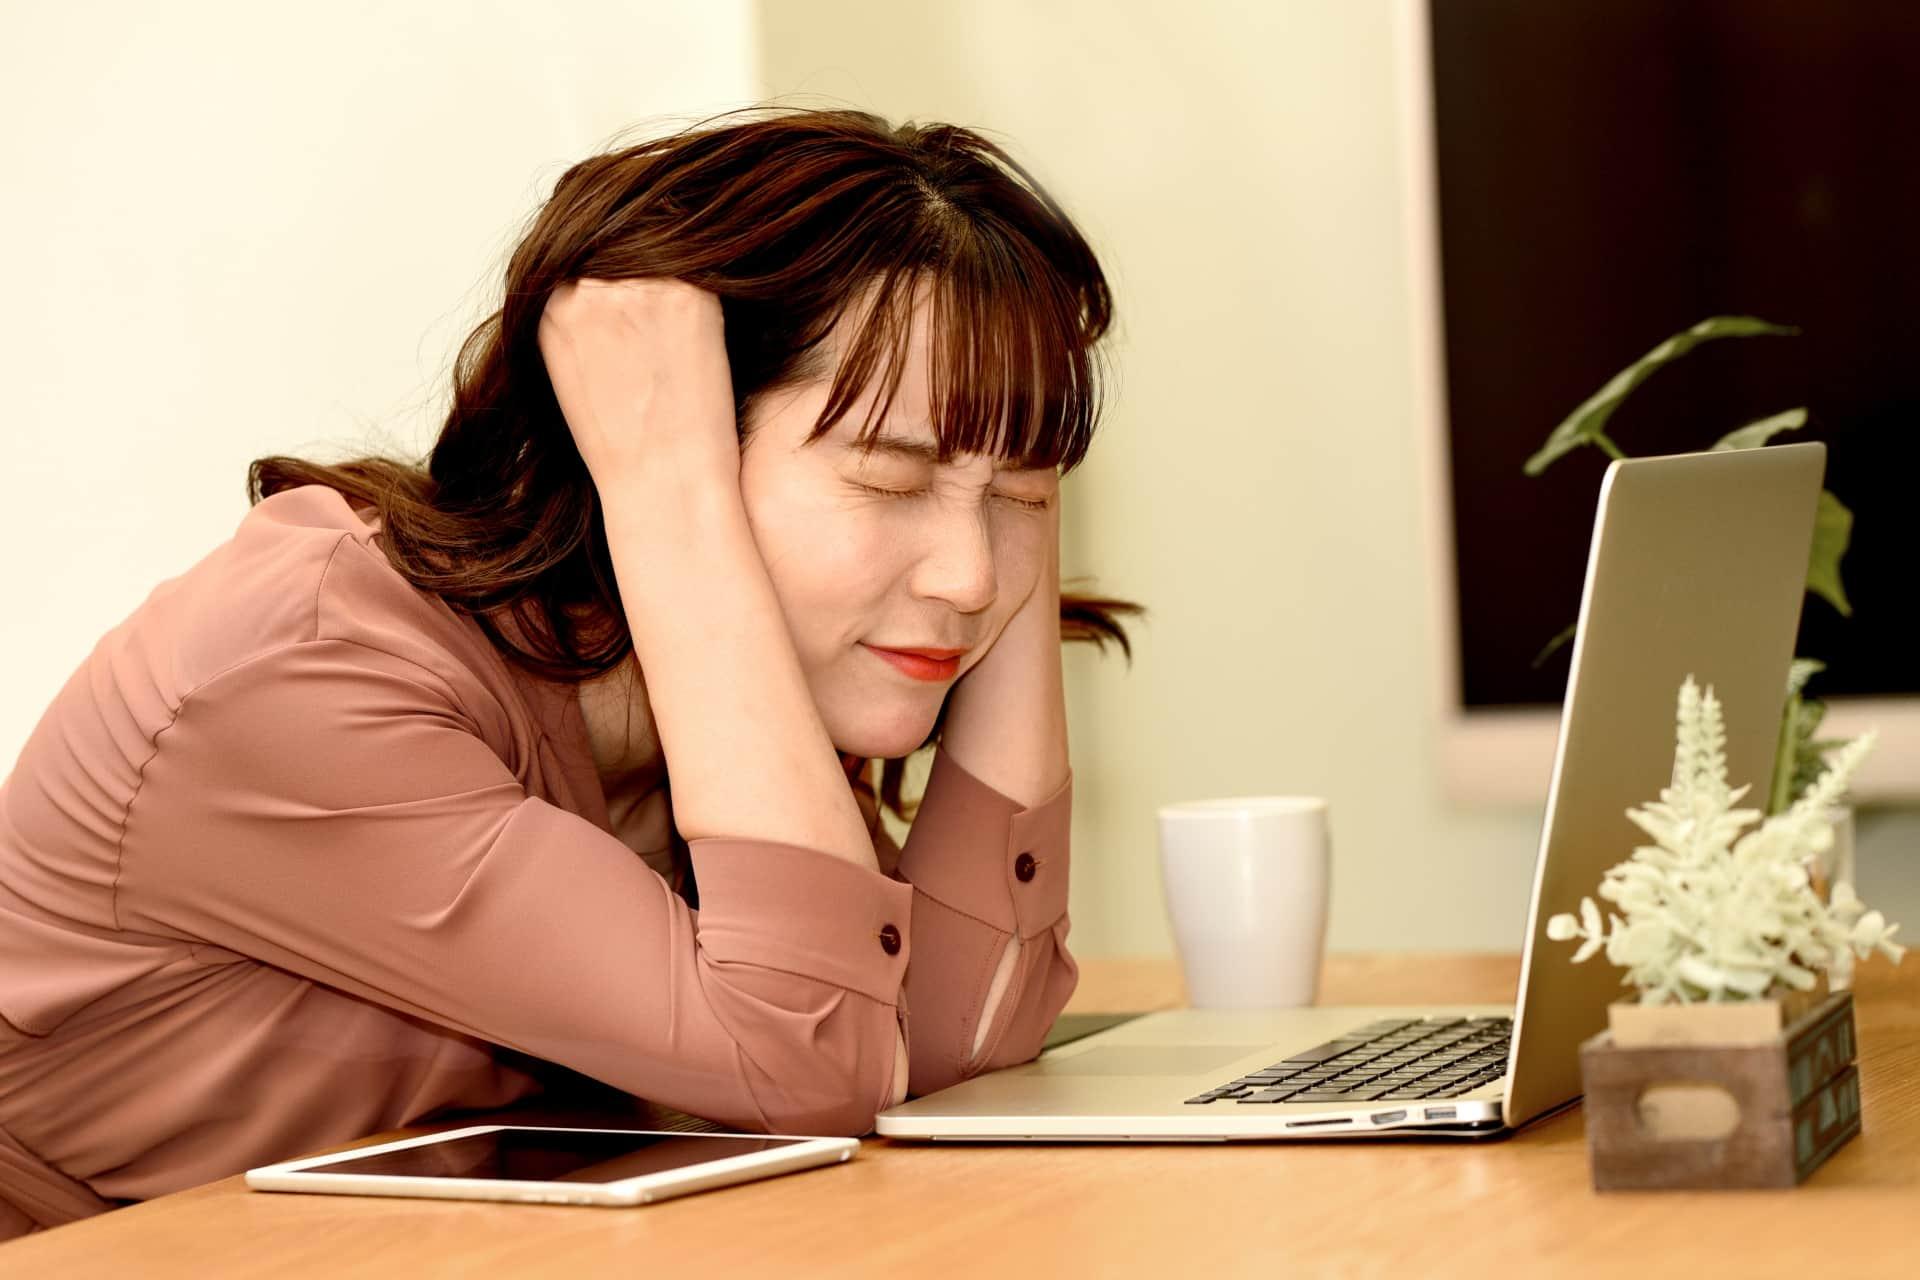 【就活生向け】やりたいことを見つけて就活で企業から内定をもらう方法とは